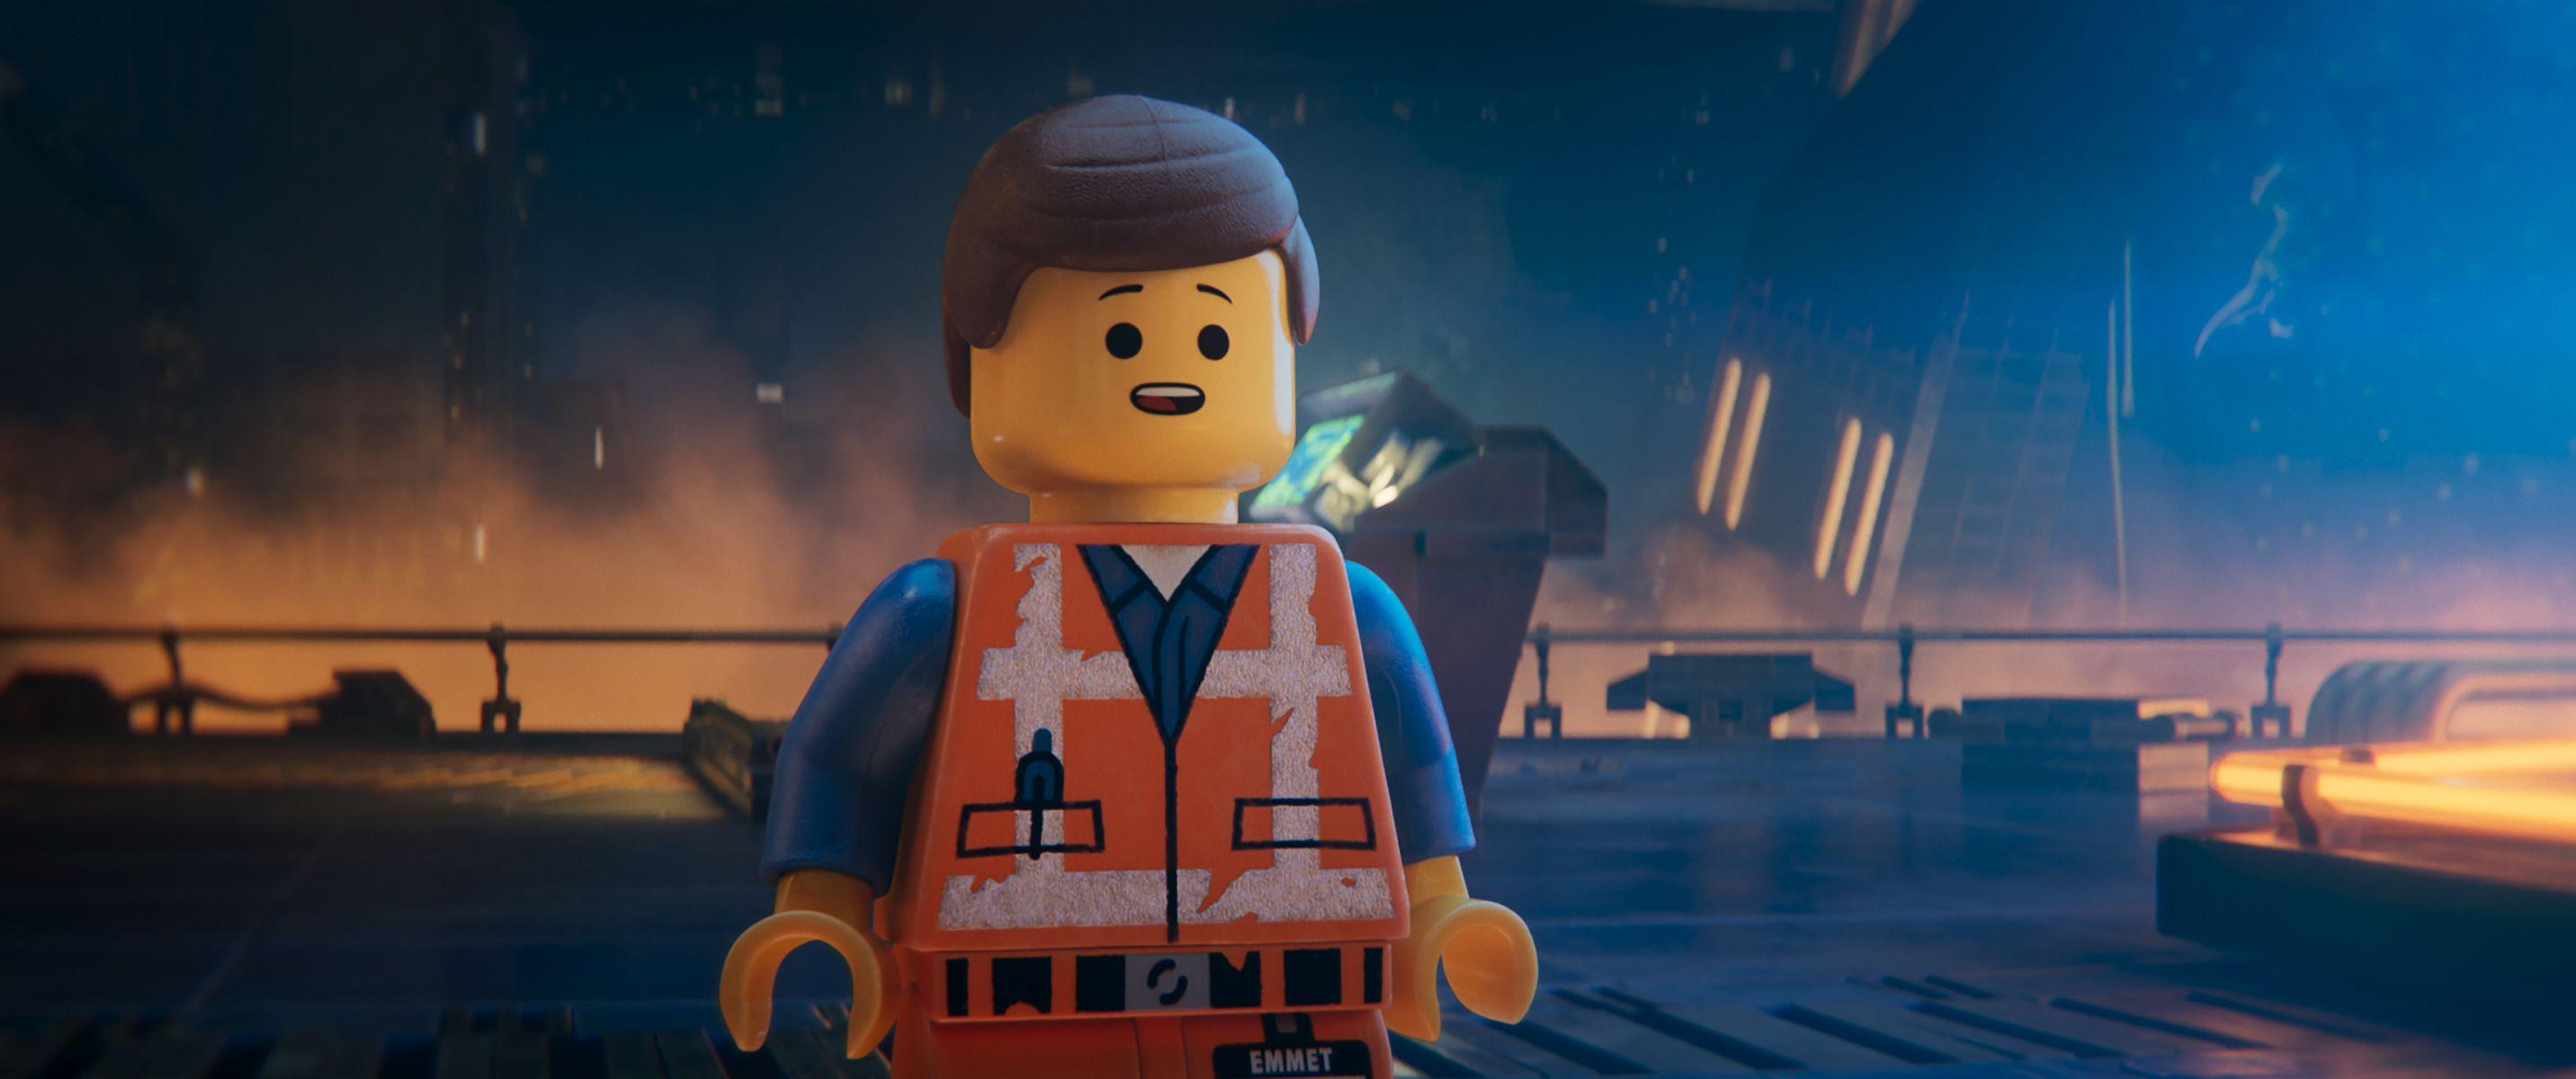 LEGO Movie 2 IMAX Screening Standby Line Details   Collider  LEGO Movie 2 IM...